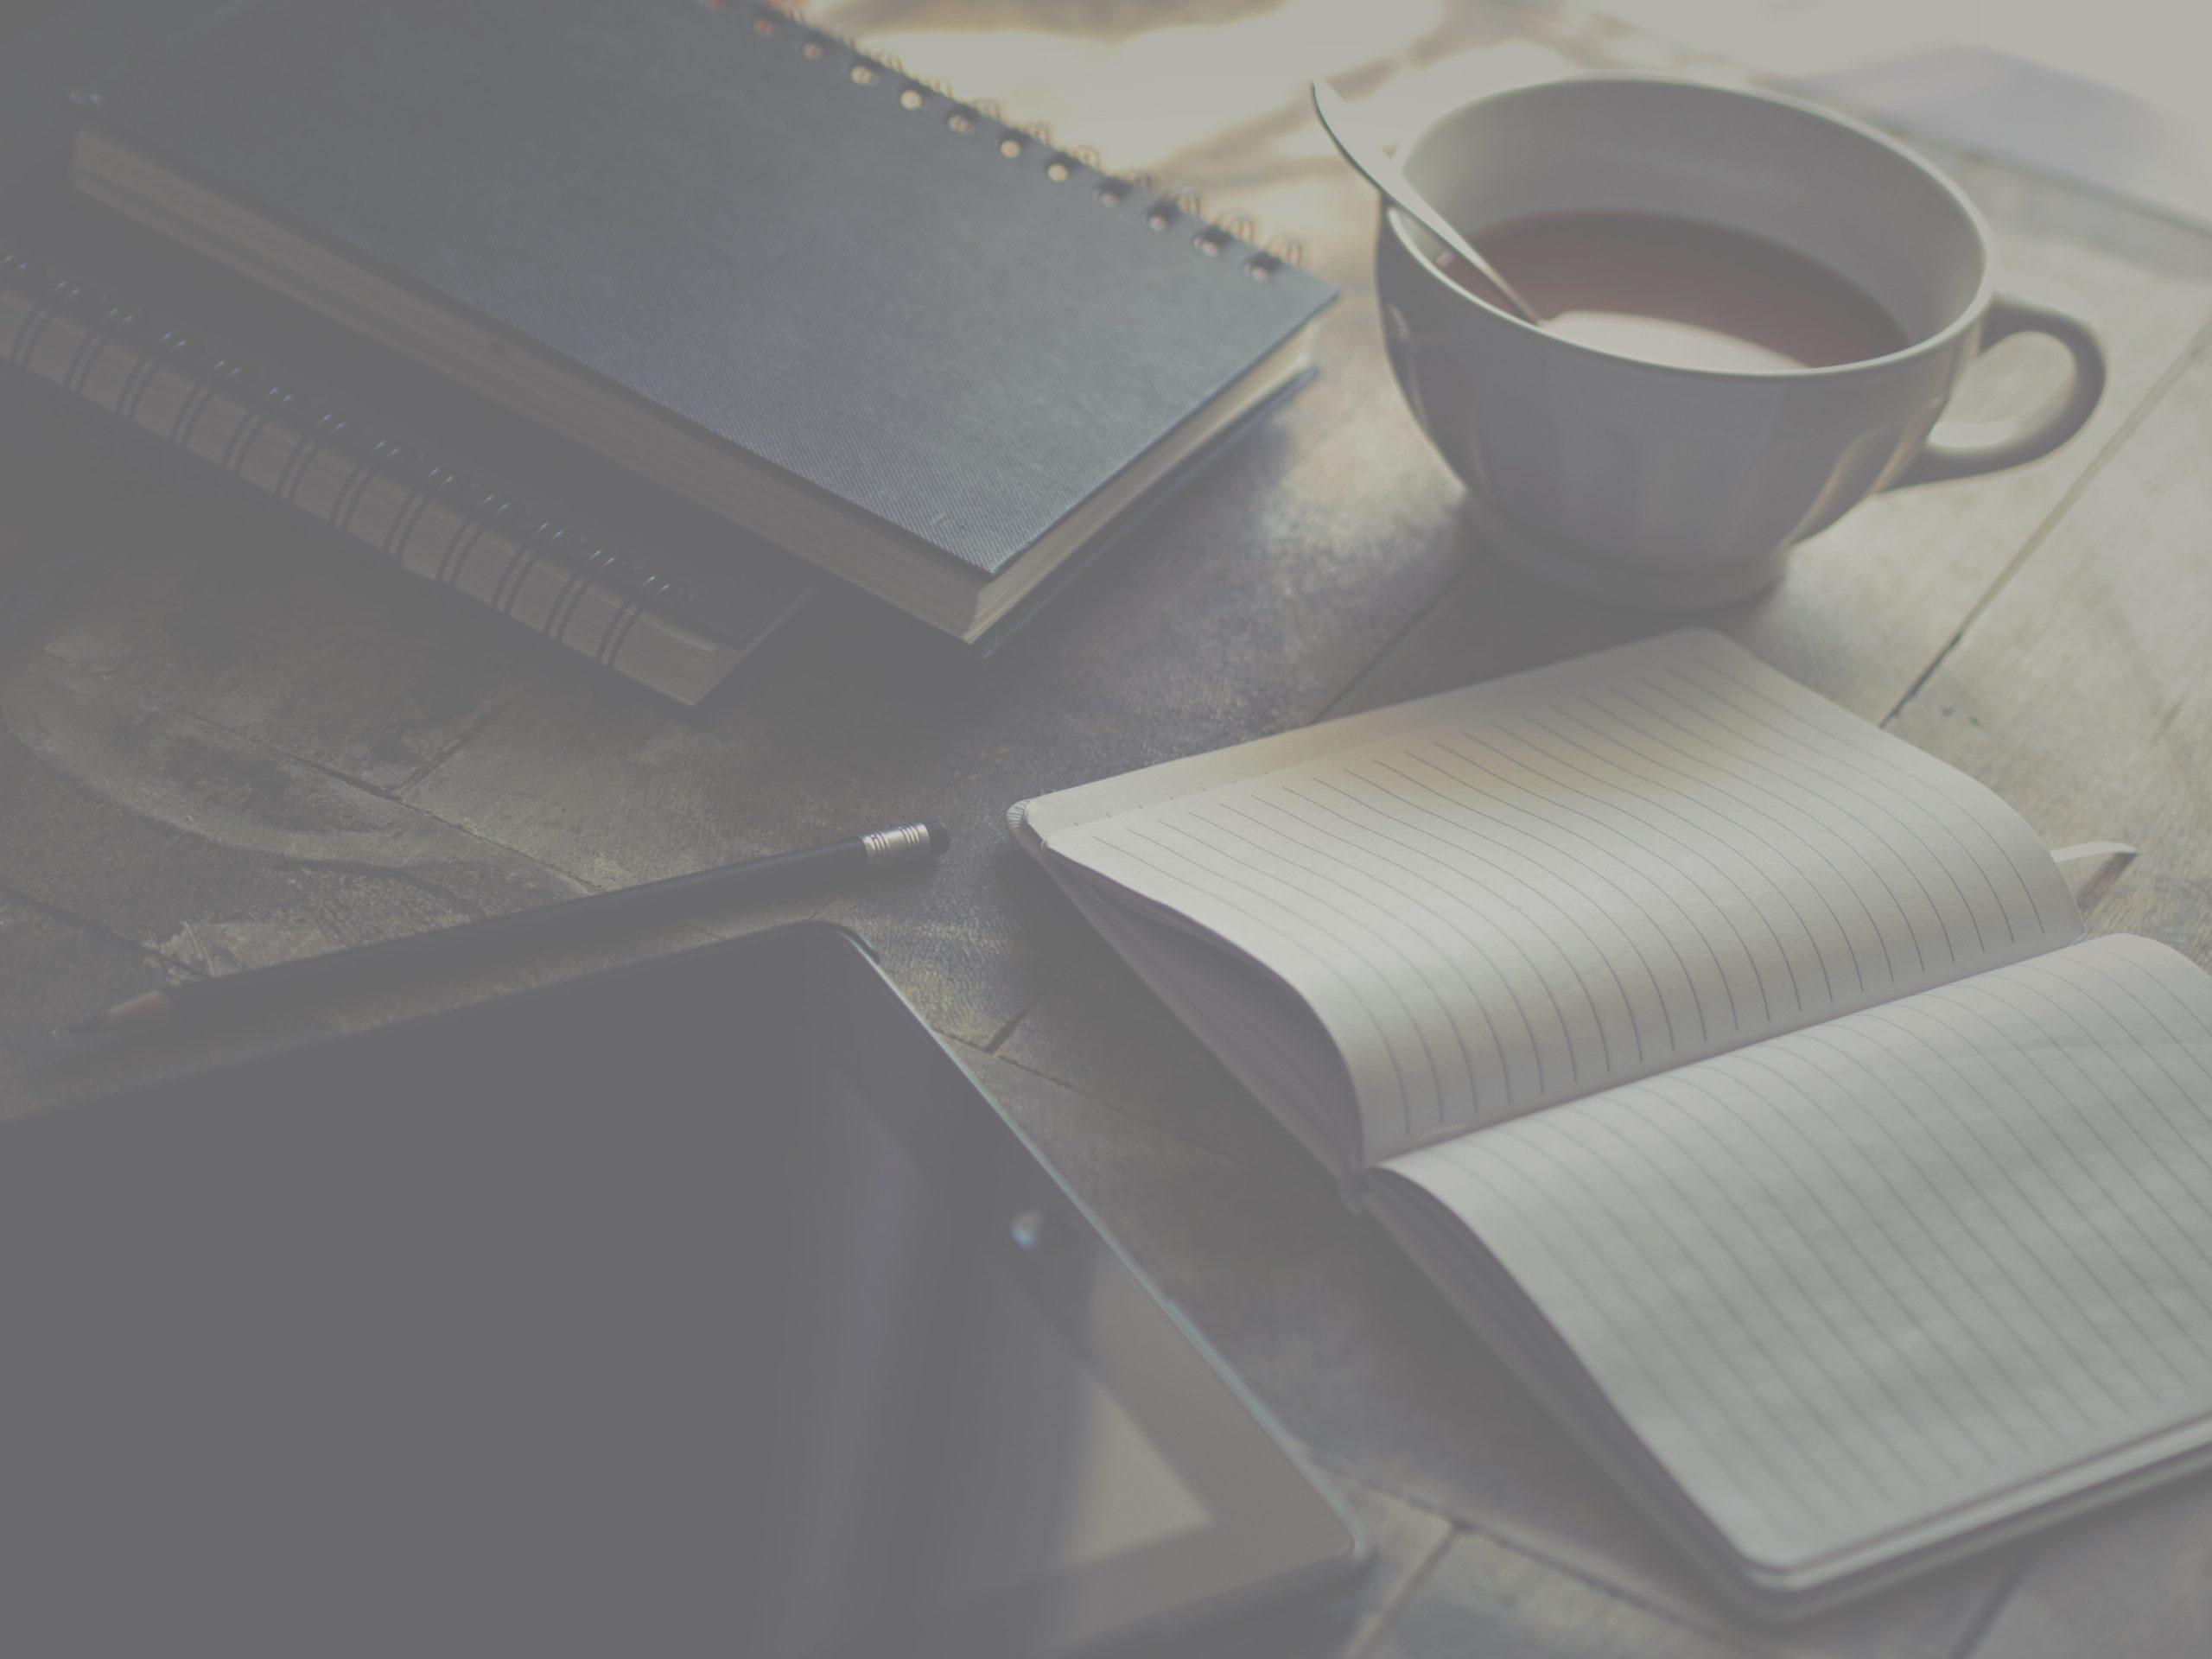 carnet-ecriture-cafe-2